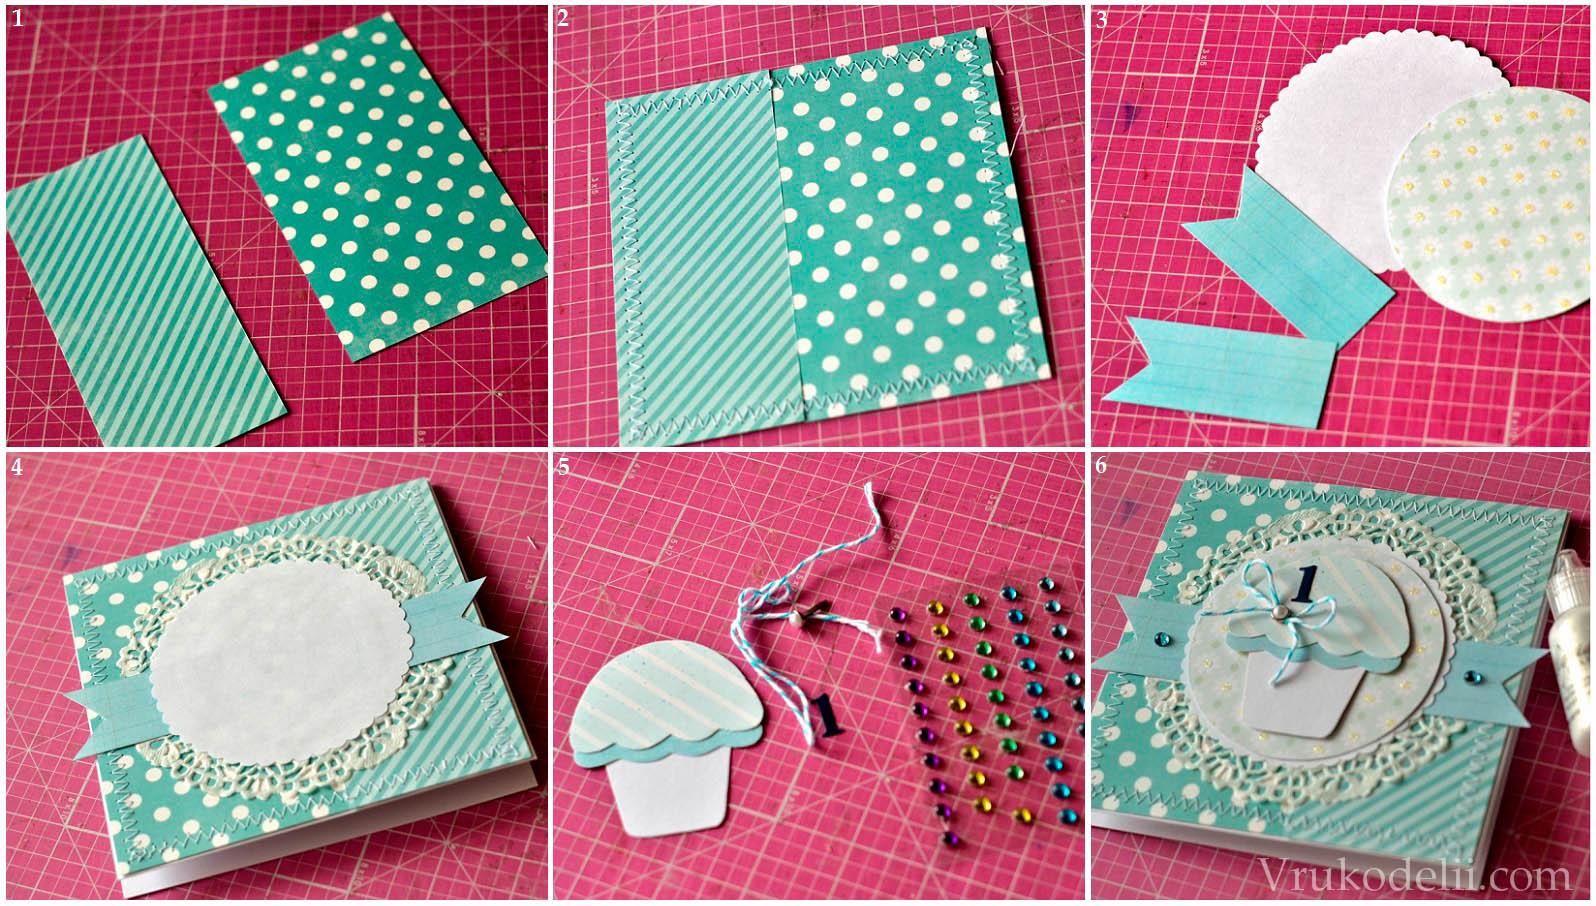 Больше открытки, как сделать открытку для девочек 3 класса